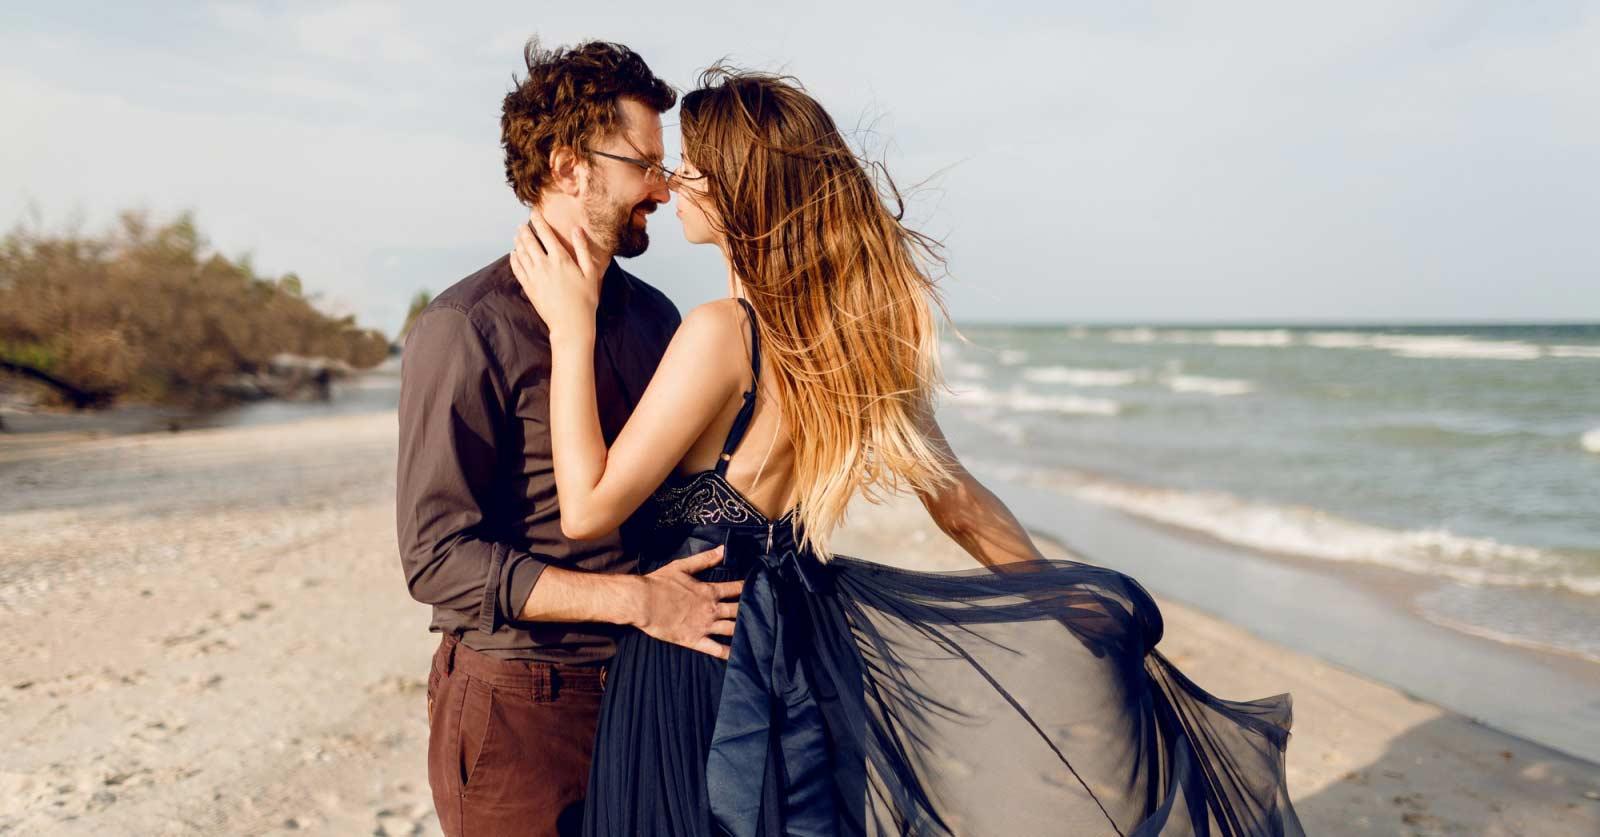 Come festeggiare 15 anni di matrimonio? Idee per l'anniversario